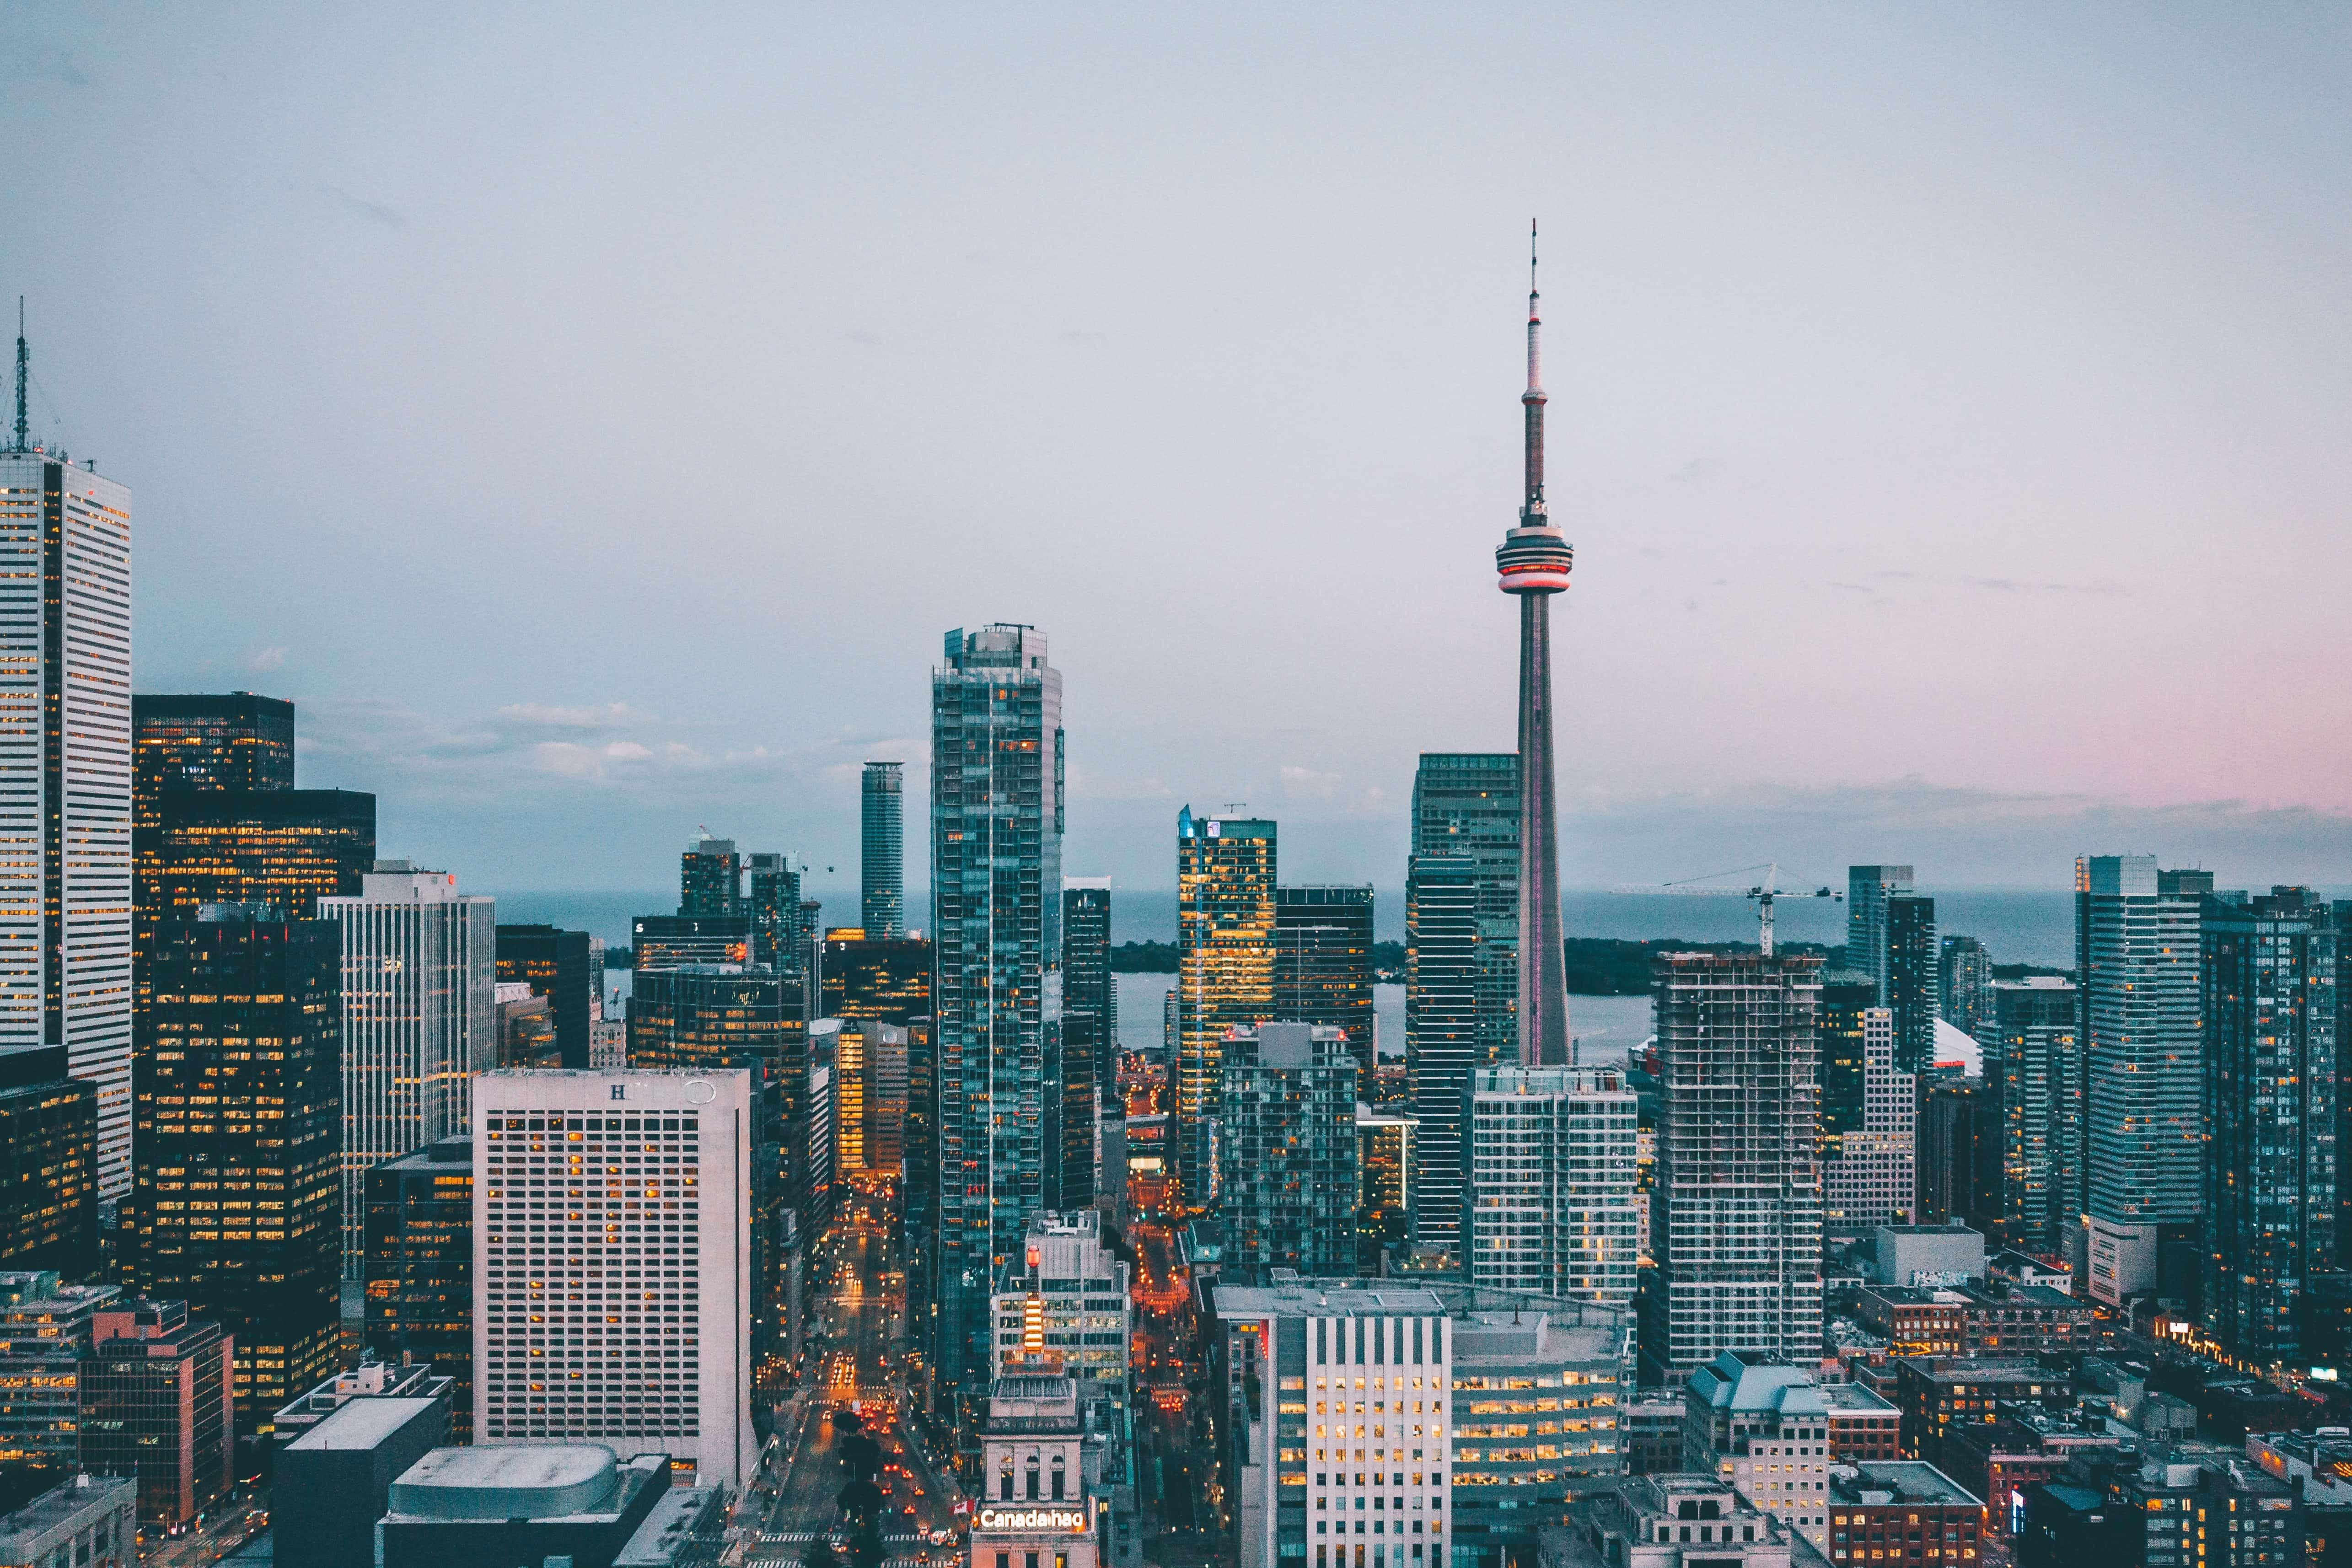 Toronto Criminal Courthouses